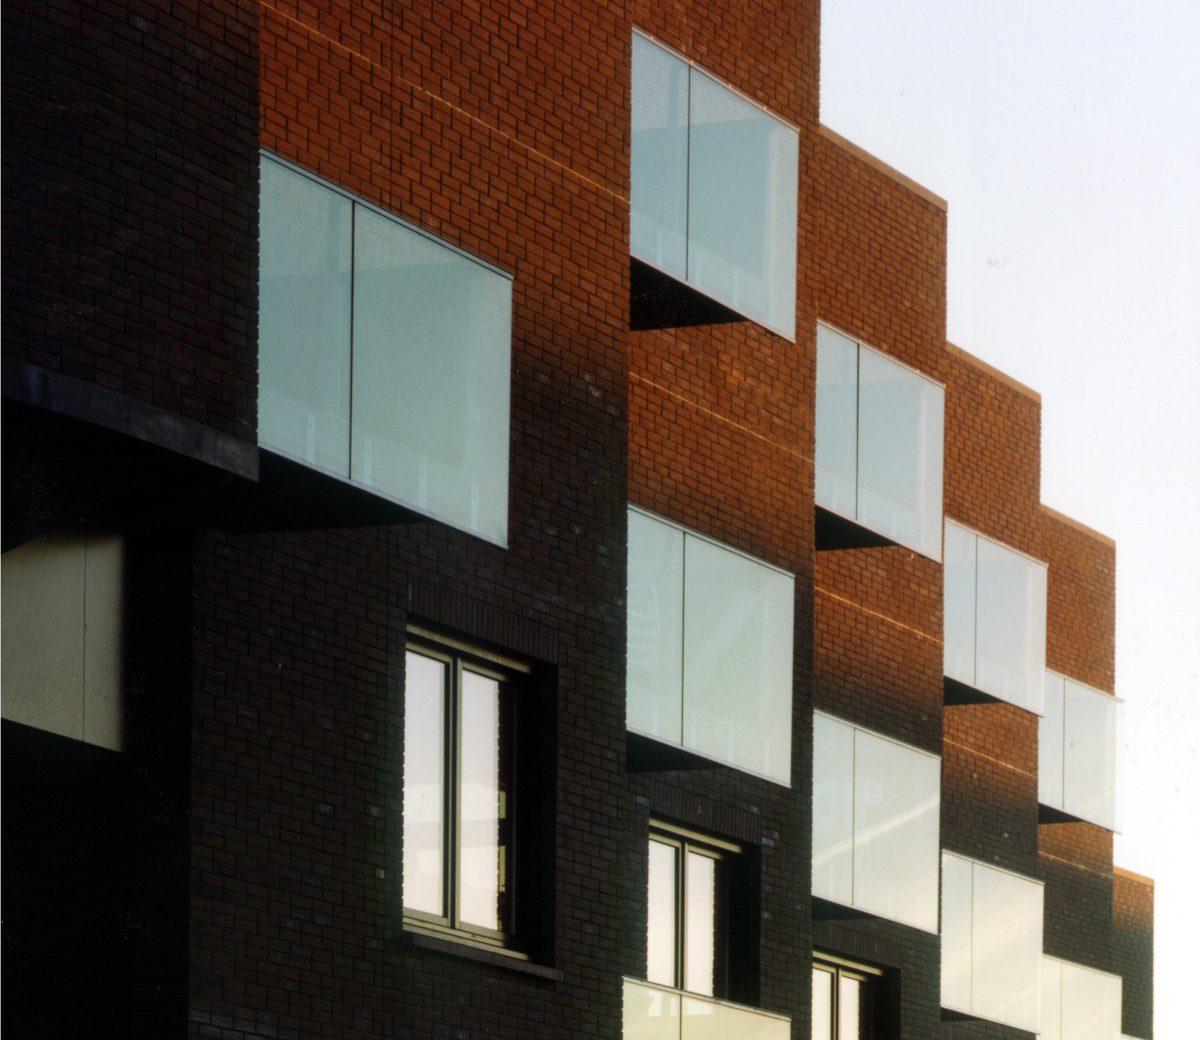 Marlies Rohmer, woningbouw, de Aker, Osdorp, Amsterdam, metselvlakken, verspringende galerij, ronde kop